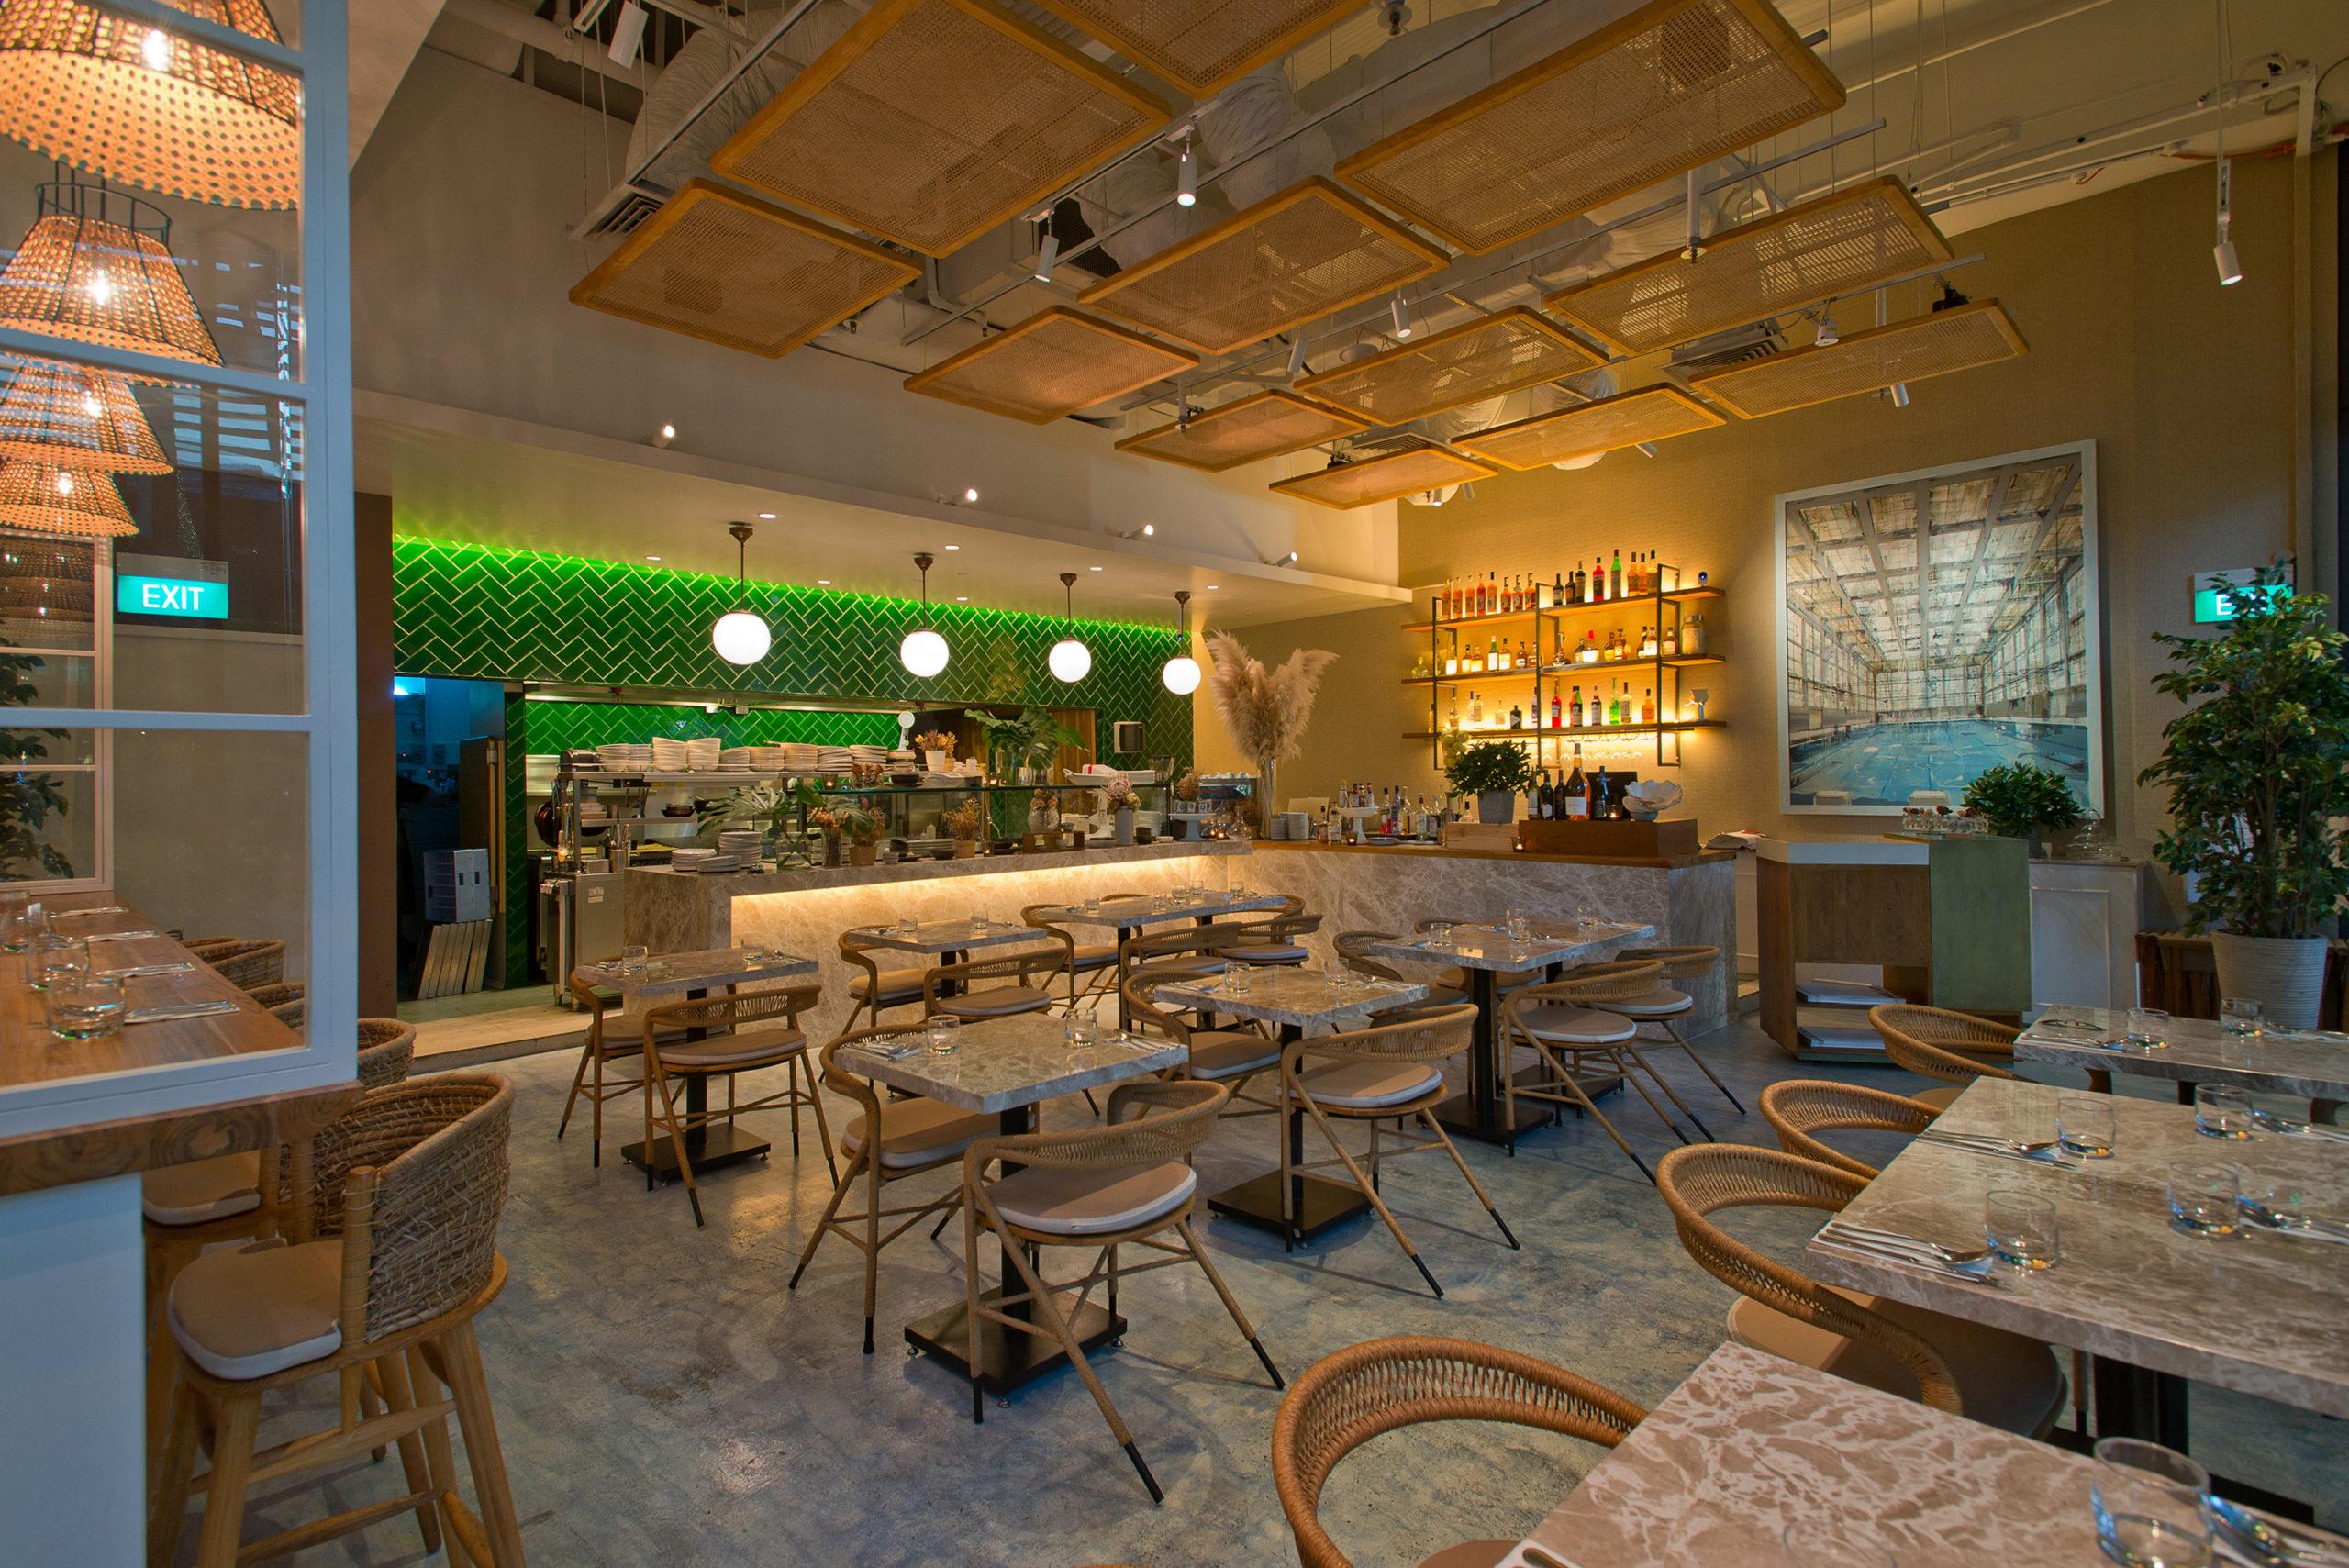 Classy Restaurant in Singapore